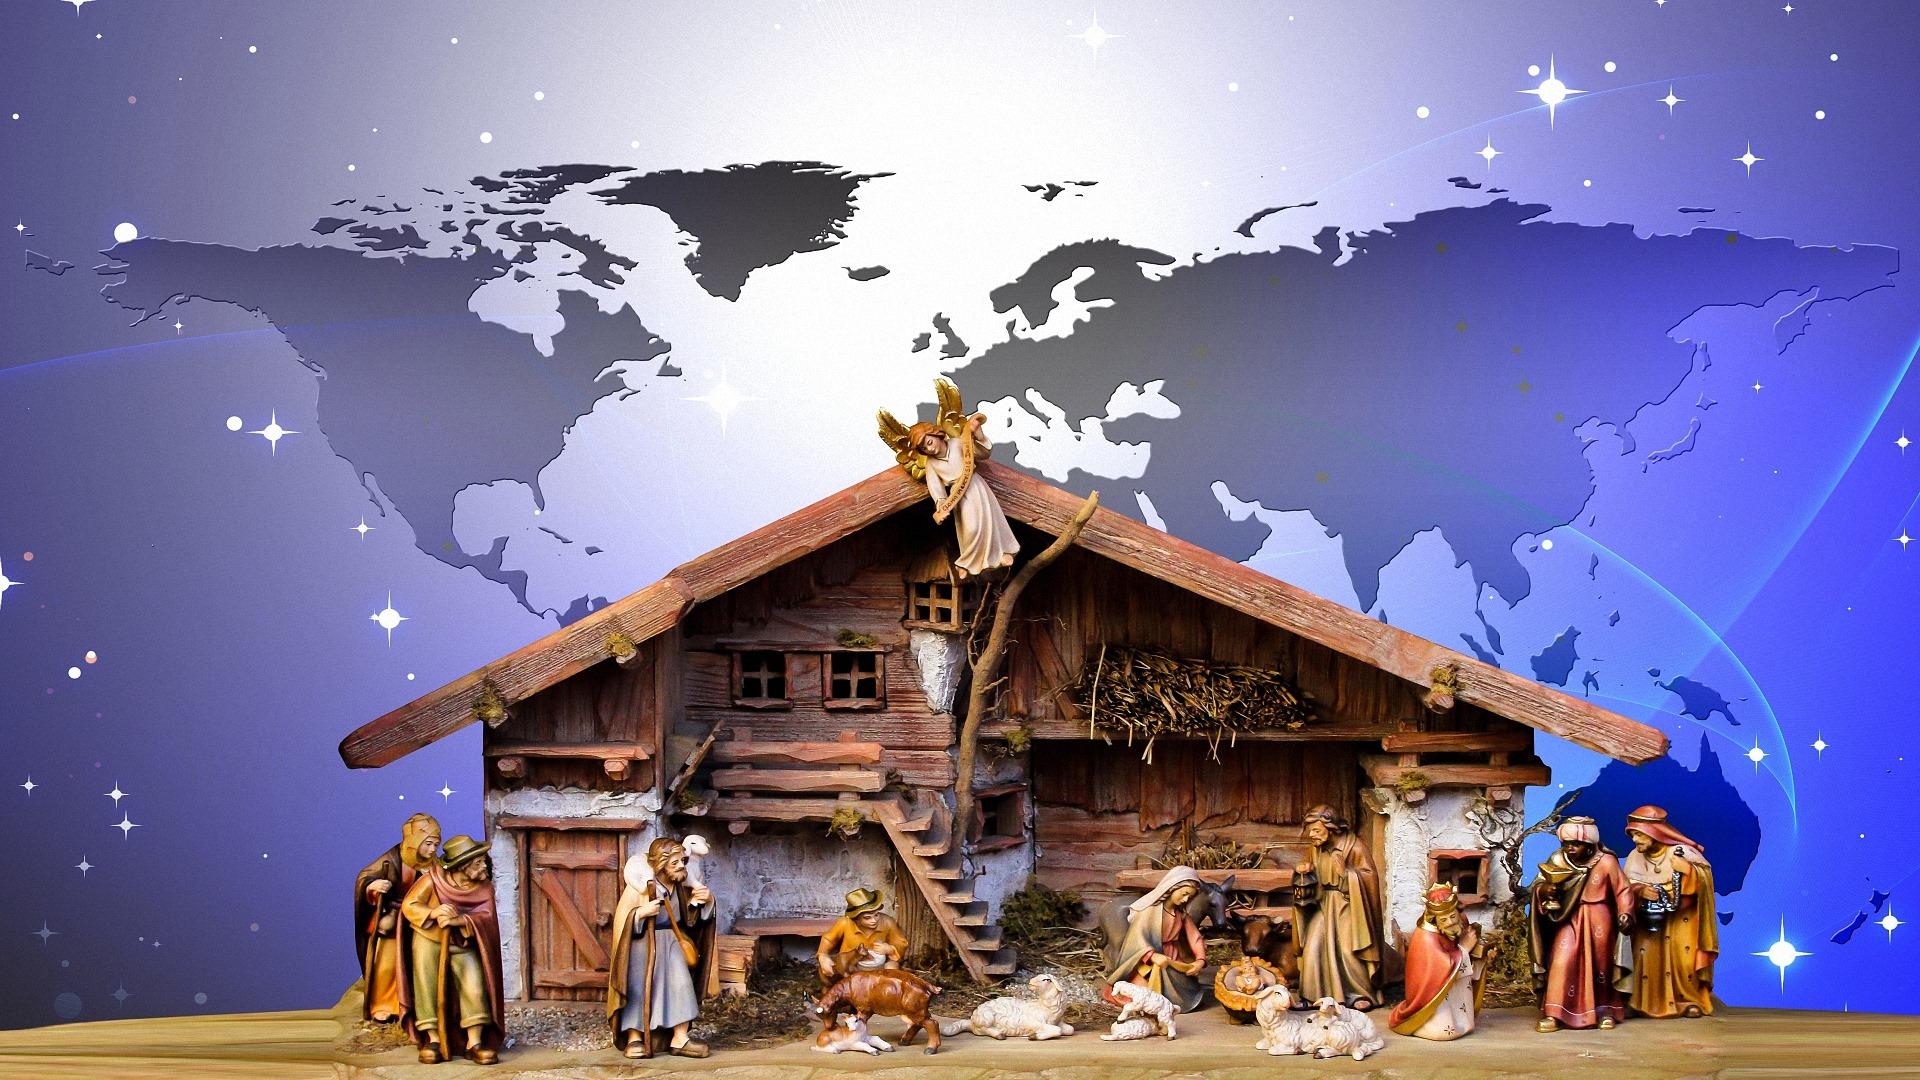 Weihnachtsbilder Hd.Hintergrundbilder Weihnachtskrippen 1920x1080 Full Hd